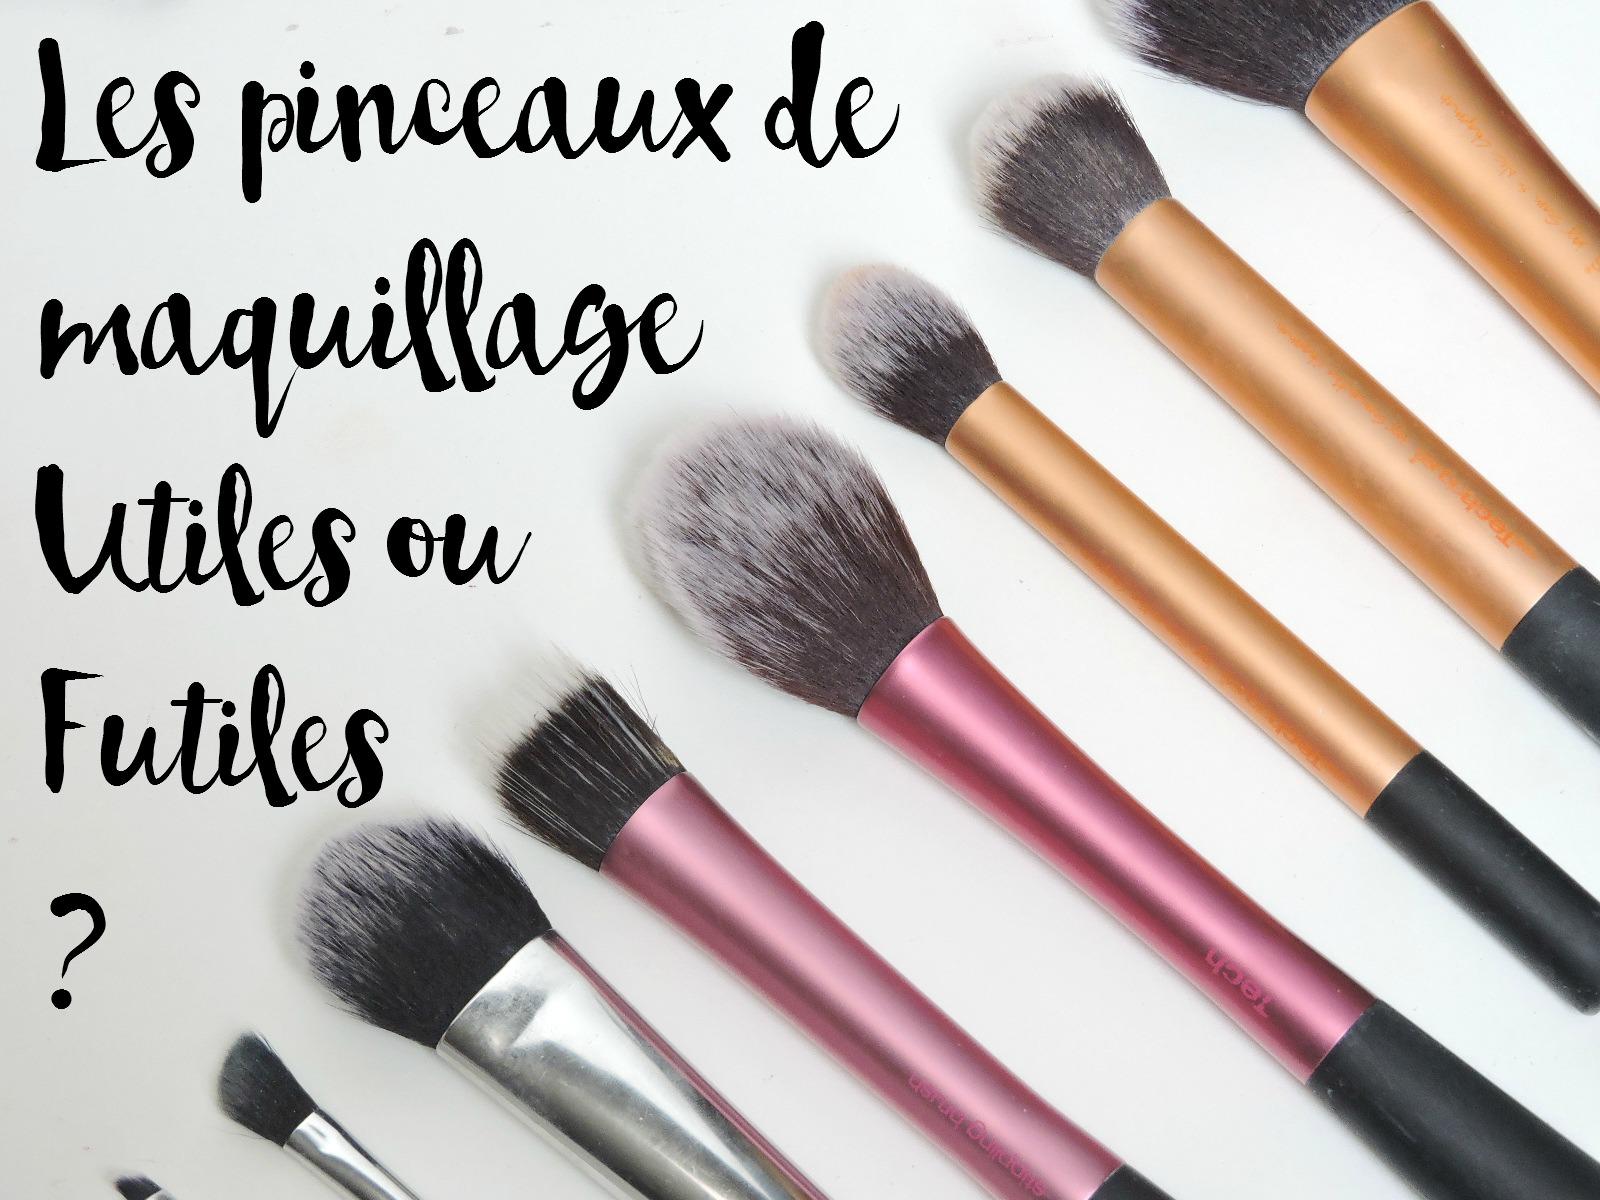 Les pinceaux de maquillage utiles ou futiles la - Pinceaux maquillage utilisation ...